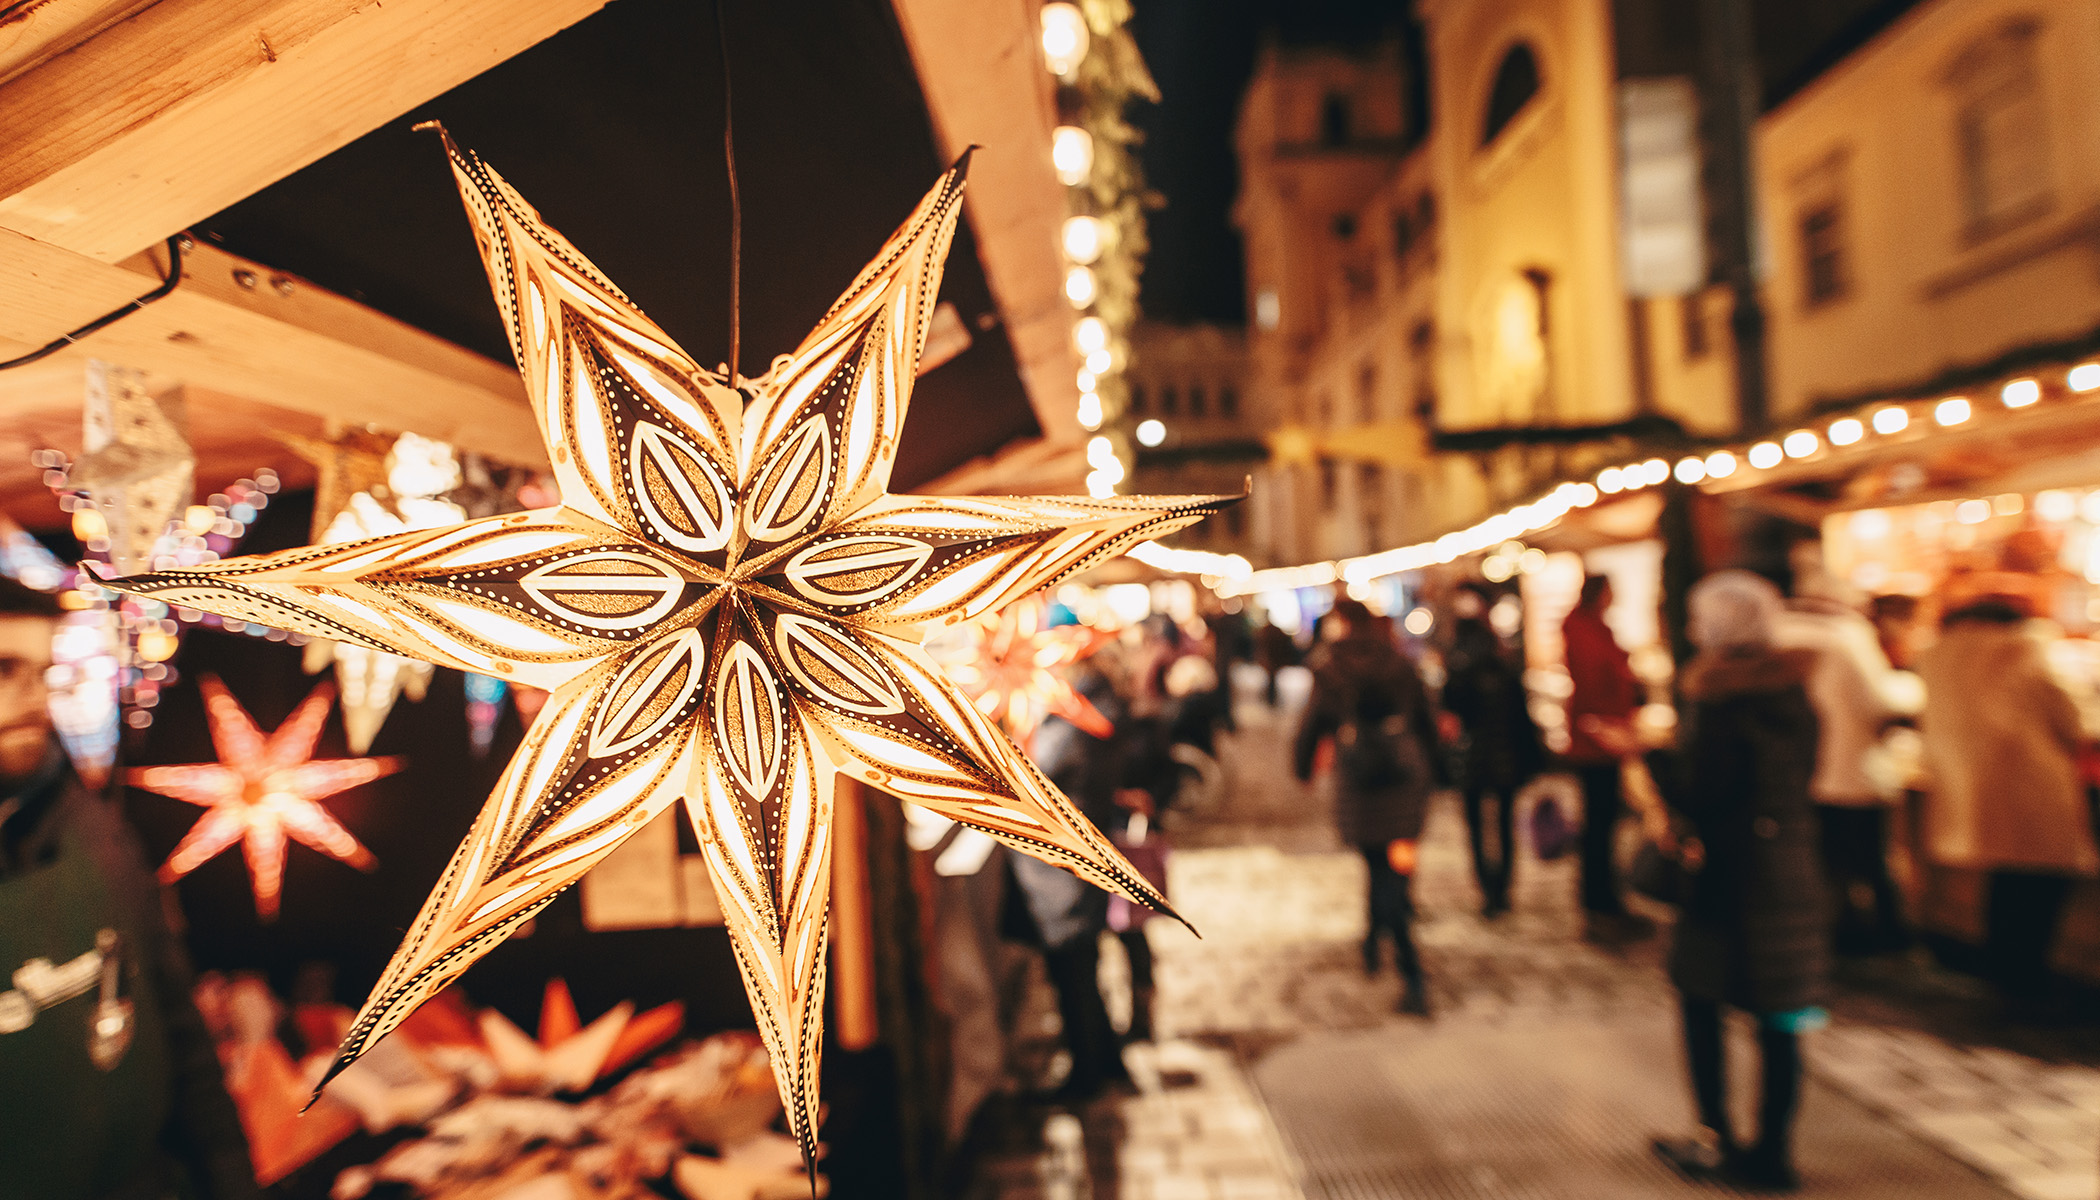 Du får blant annet kjøpt vakker, håndlaget julepynt på julemarkedene.